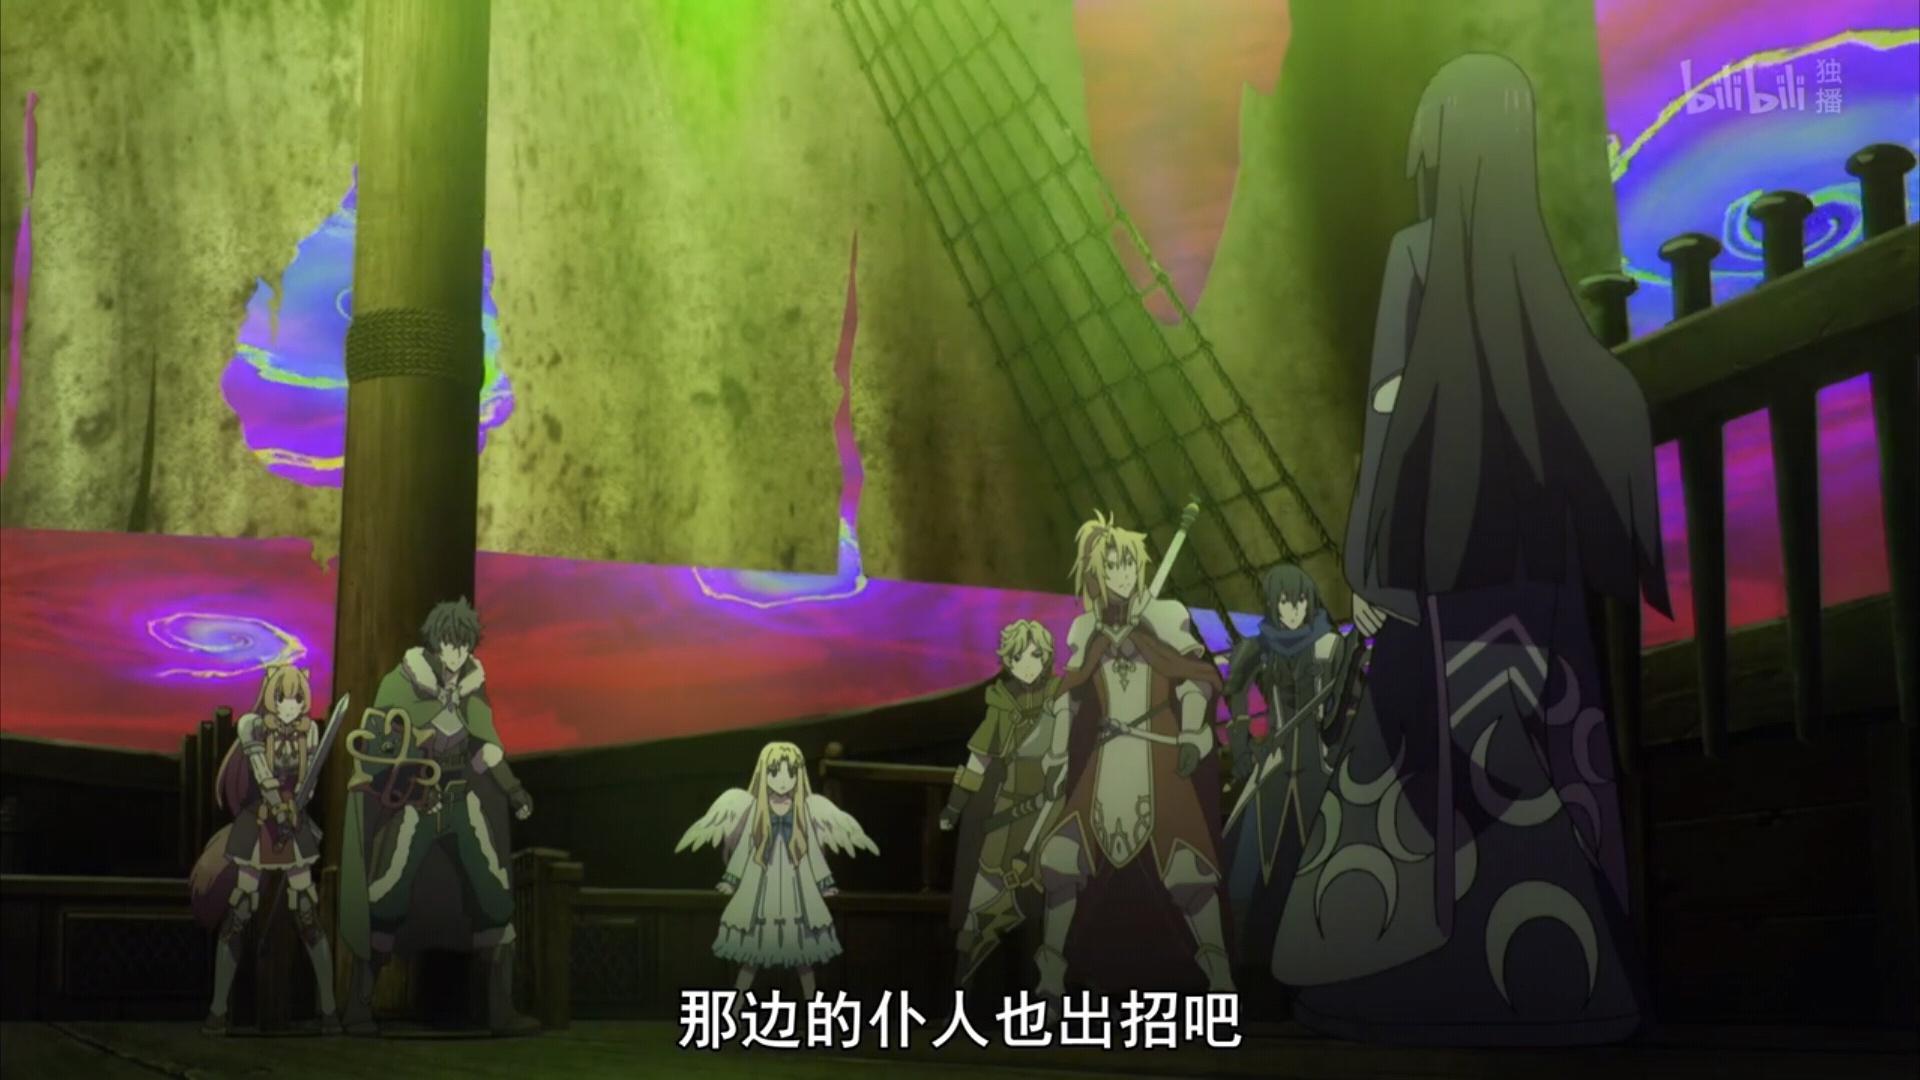 盾之勇者第12话:三勇变杂兵 尚文与别人的实力差距明显